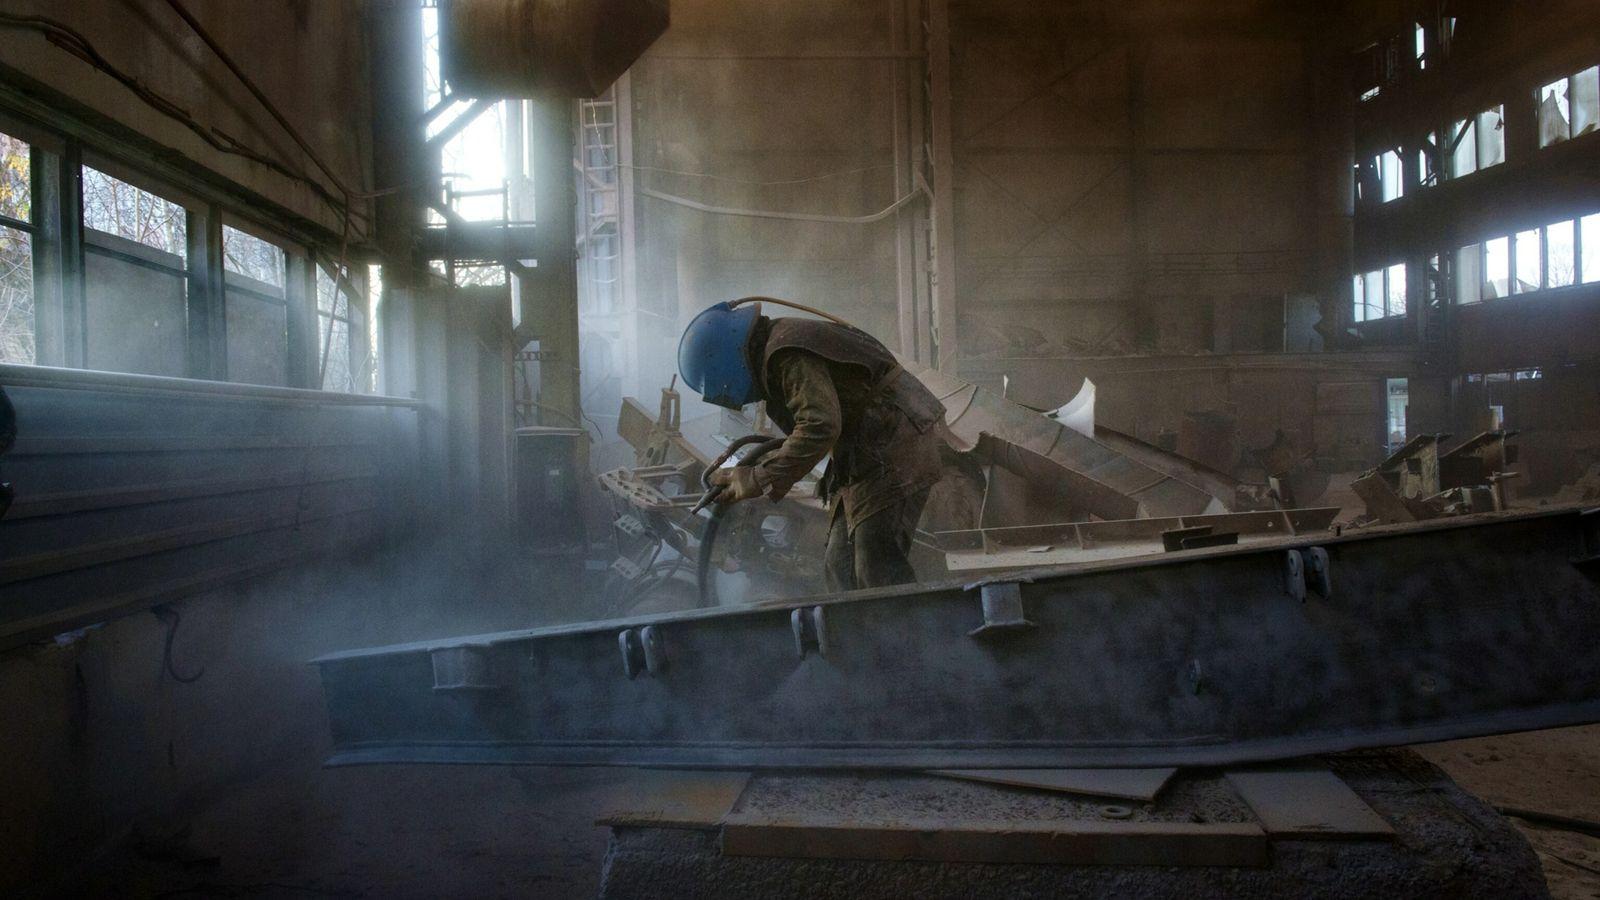 Taller donde se descontamina el metal para su reventa